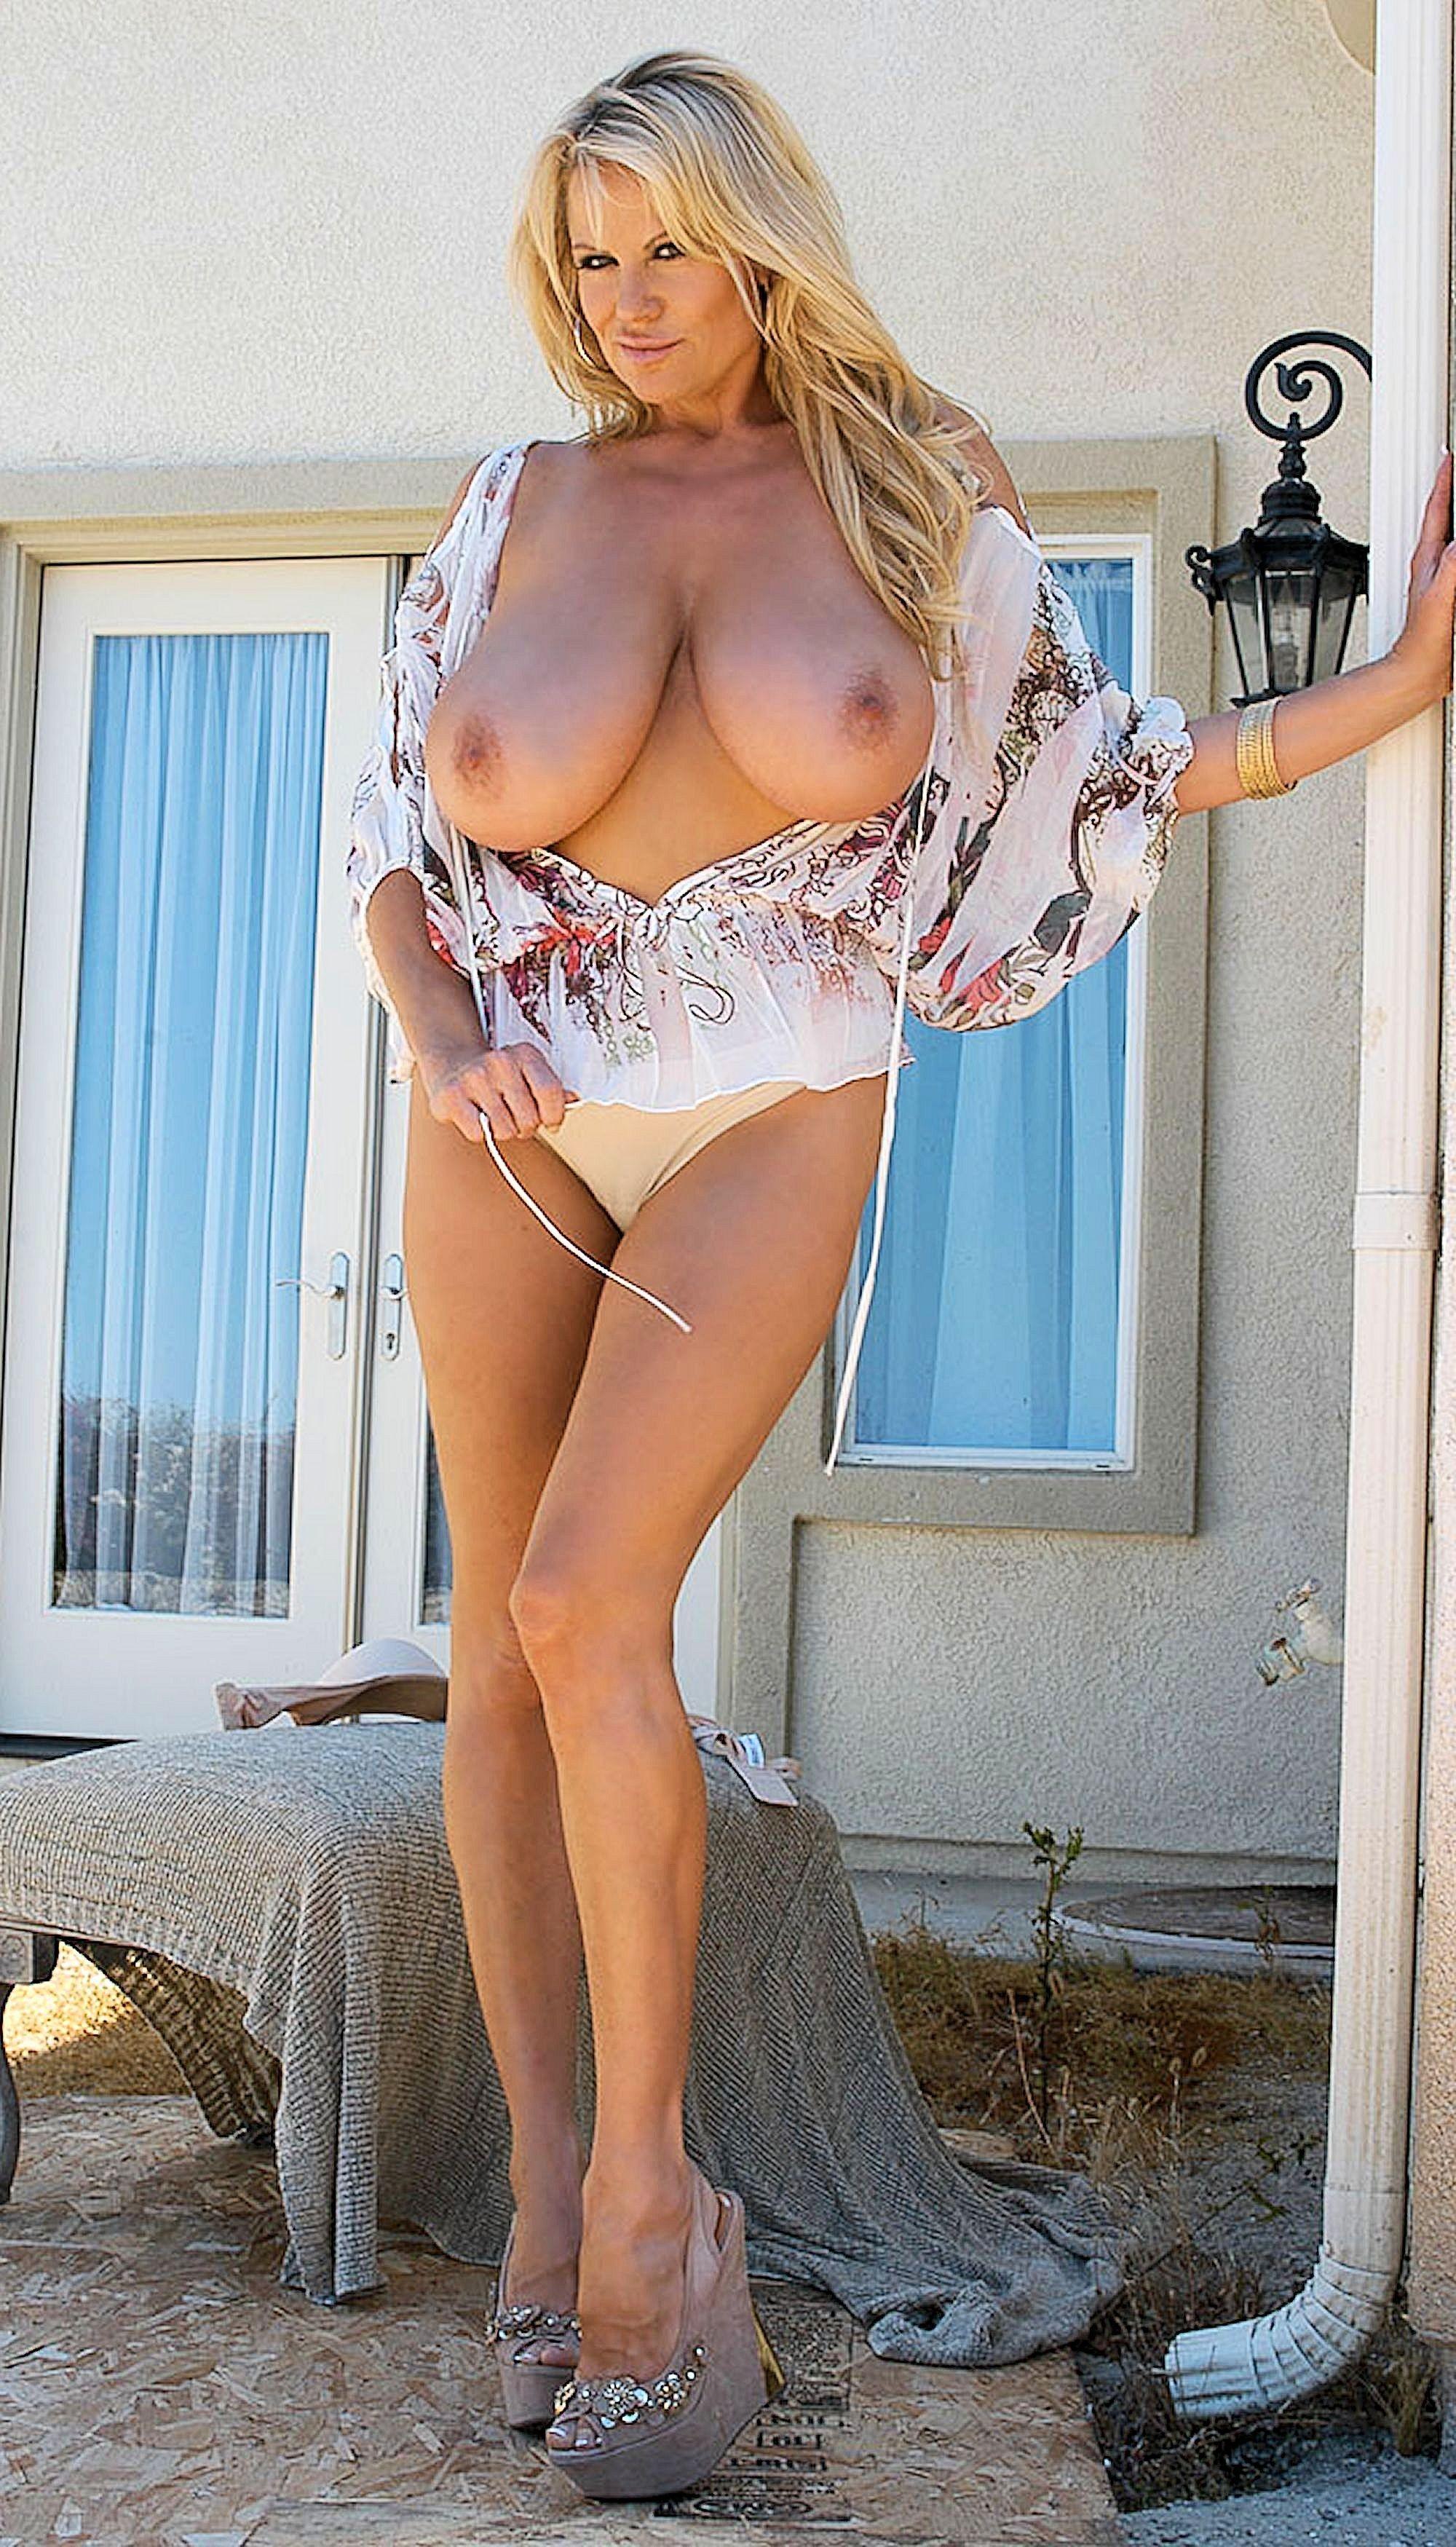 женщина огромные буфера фото эротика - 3